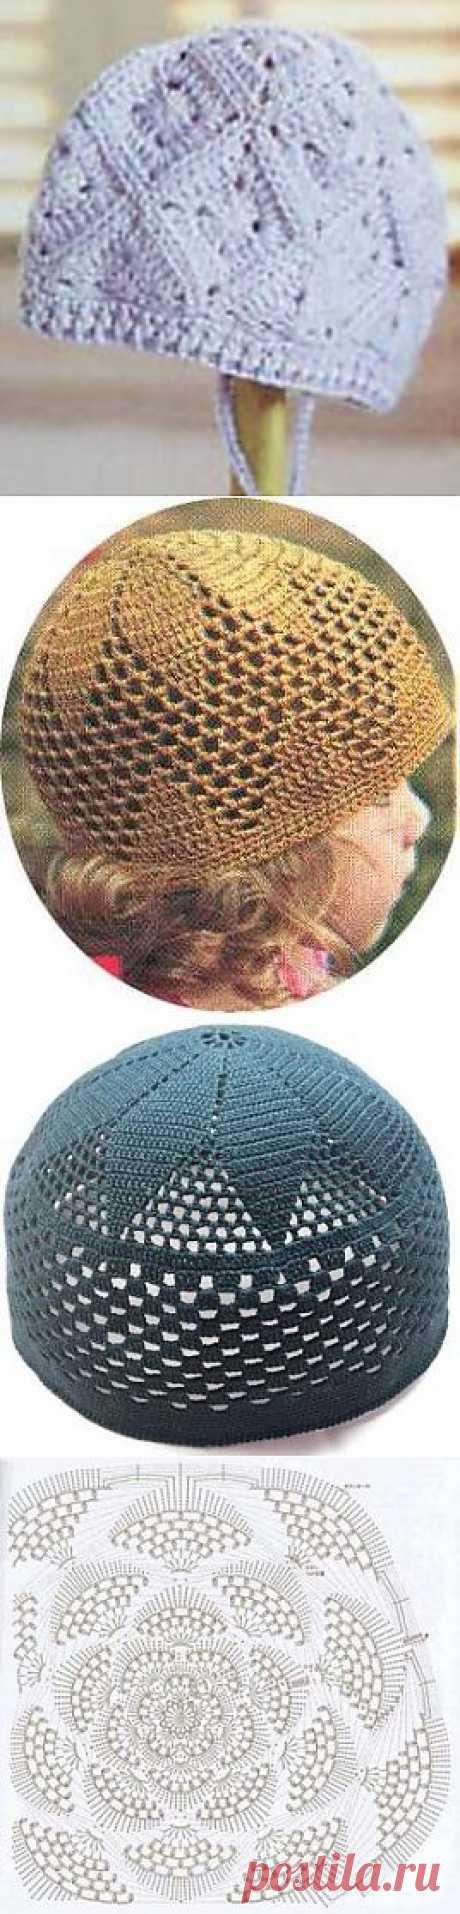 Шапки 15 штук | Вязание крючком